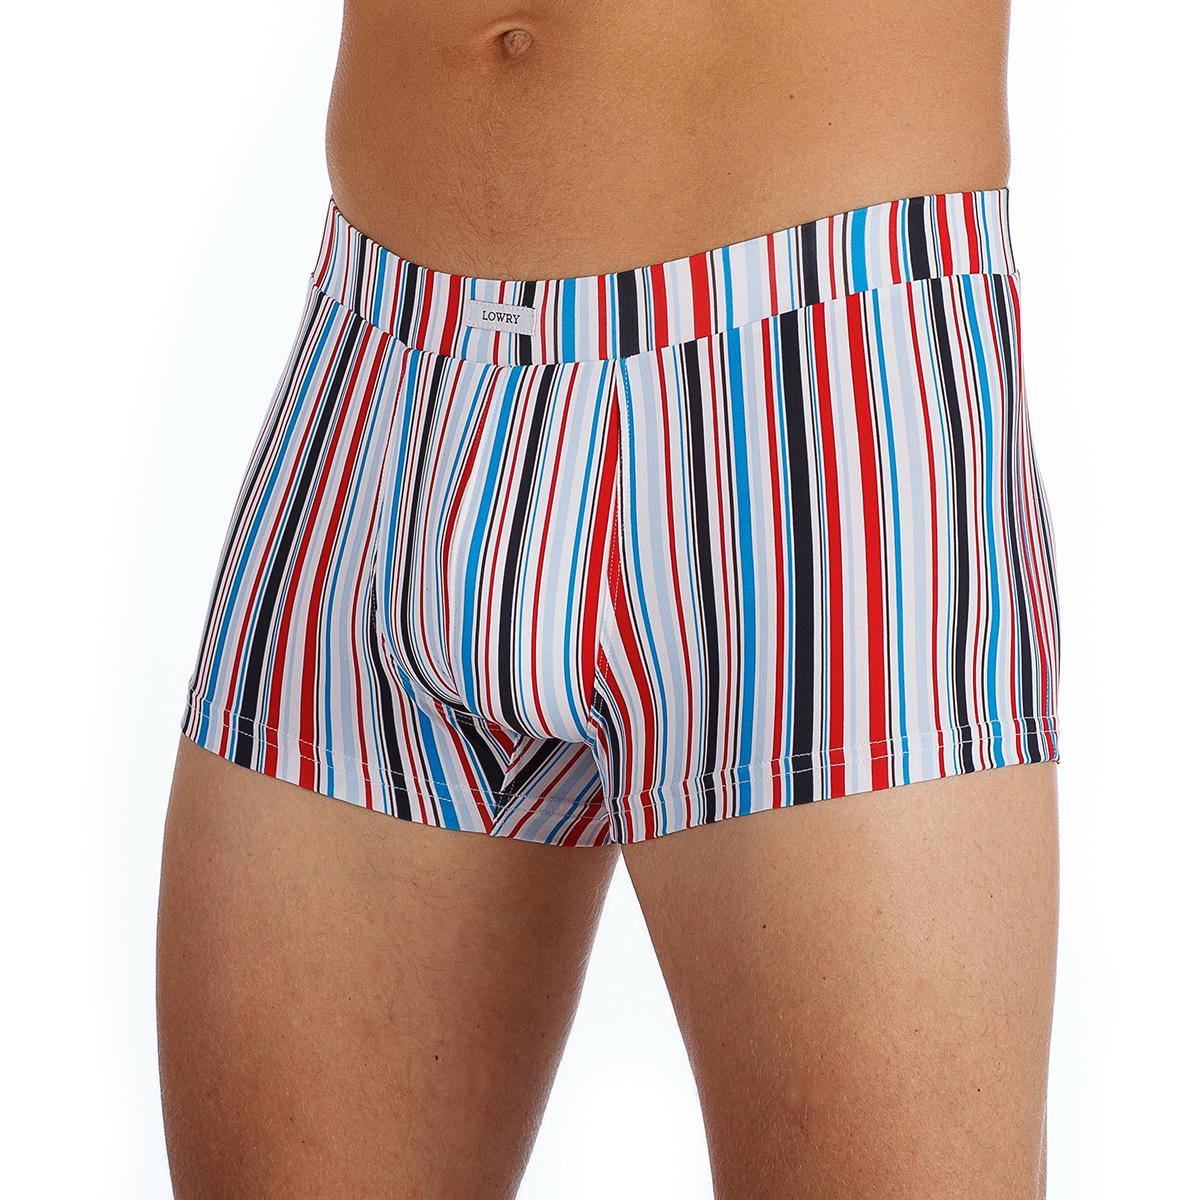 Трусы-хипсы мужские Lowry, цвет: белый, красный, черный, синий. MSHL-329. Размер XL (50)MSHL-329Мужские трусы-хипсы Lowry с широкой эластичной резинкой на поясе созданы специально для тех, кто предпочитает комфорт и классический дизайн. Мягкие, приятные на ощупь, эти трусы подходят к любой фигуре и будут незаметны под одеждой. Трусы выполнены из эластичного материала. Модель, выполненная из эластичного тактеля, создана для мужчин, ценящих практичность и удобство.